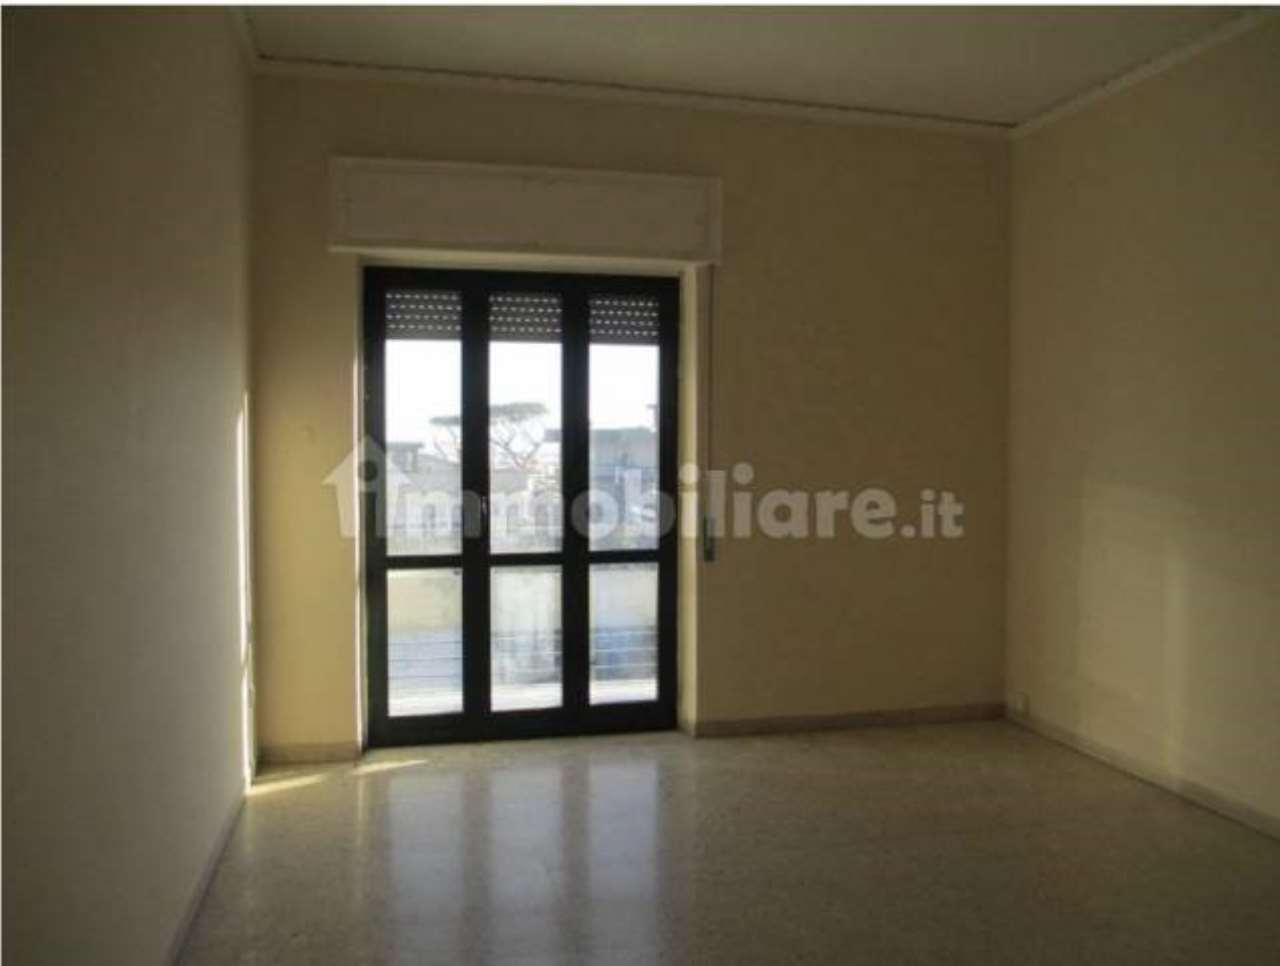 Appartamento in affitto a Pozzuoli, 3 locali, prezzo € 750 | CambioCasa.it